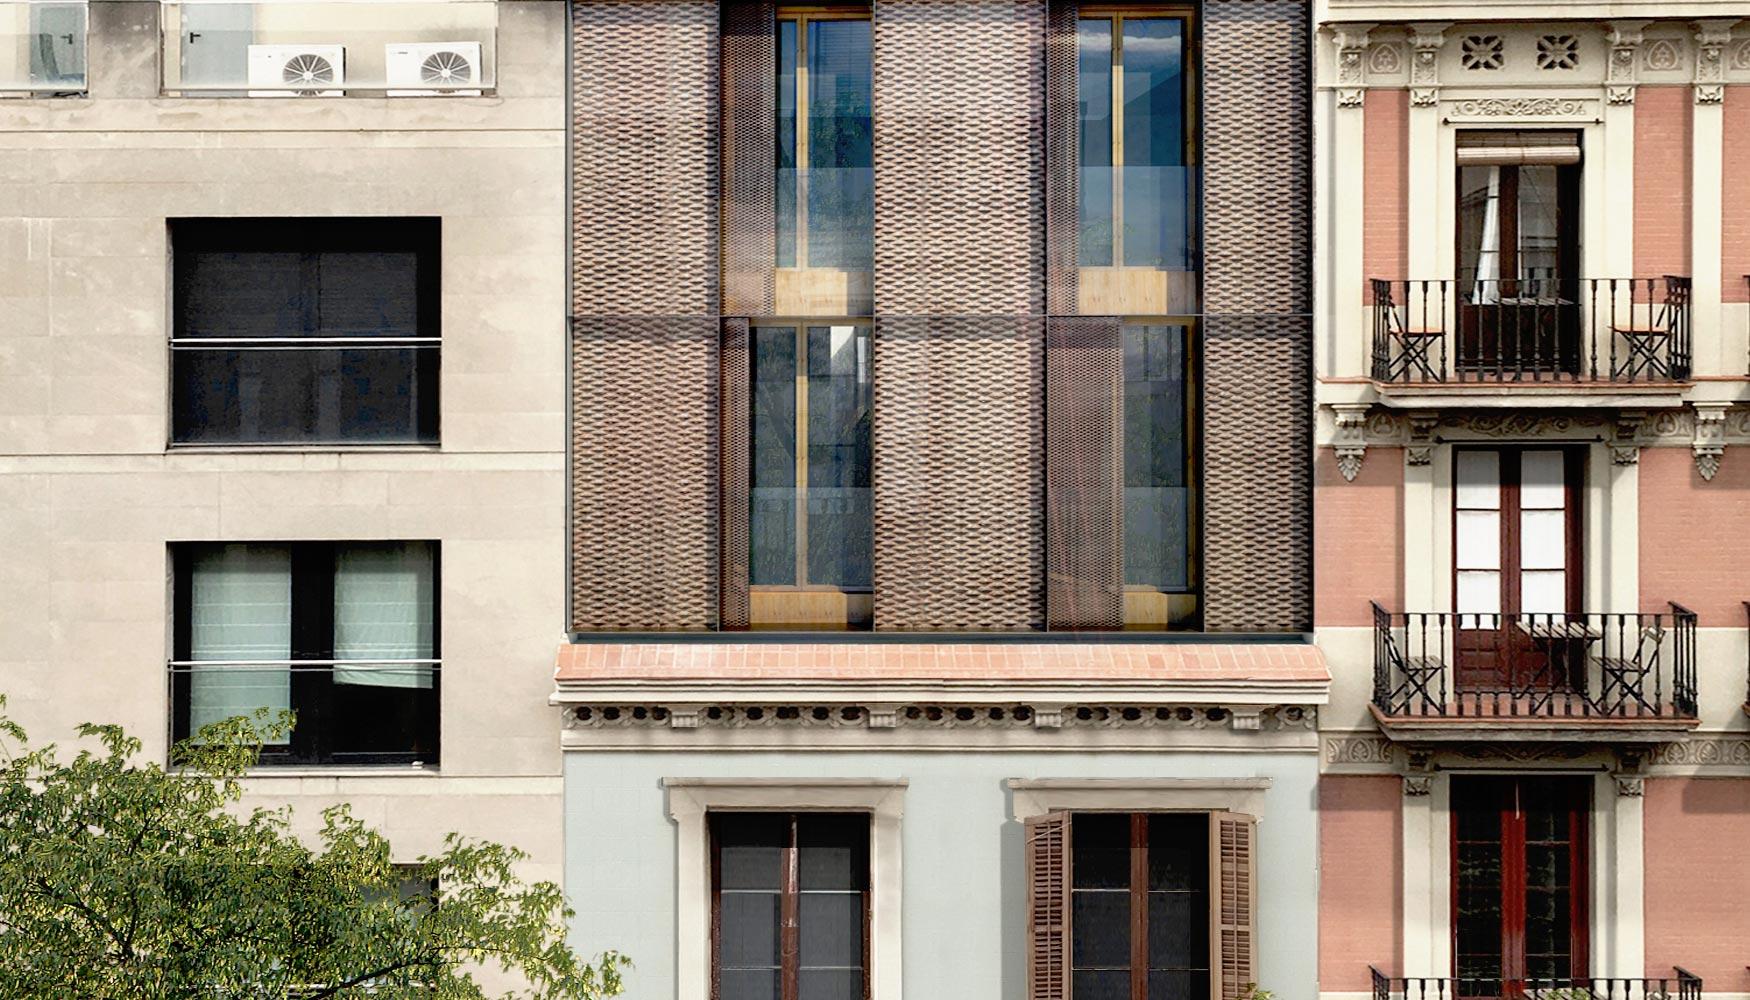 La casa por el tejado construye los primeros ticos eco eficientes en los tejados de barcelona - La casa en el tejado ...